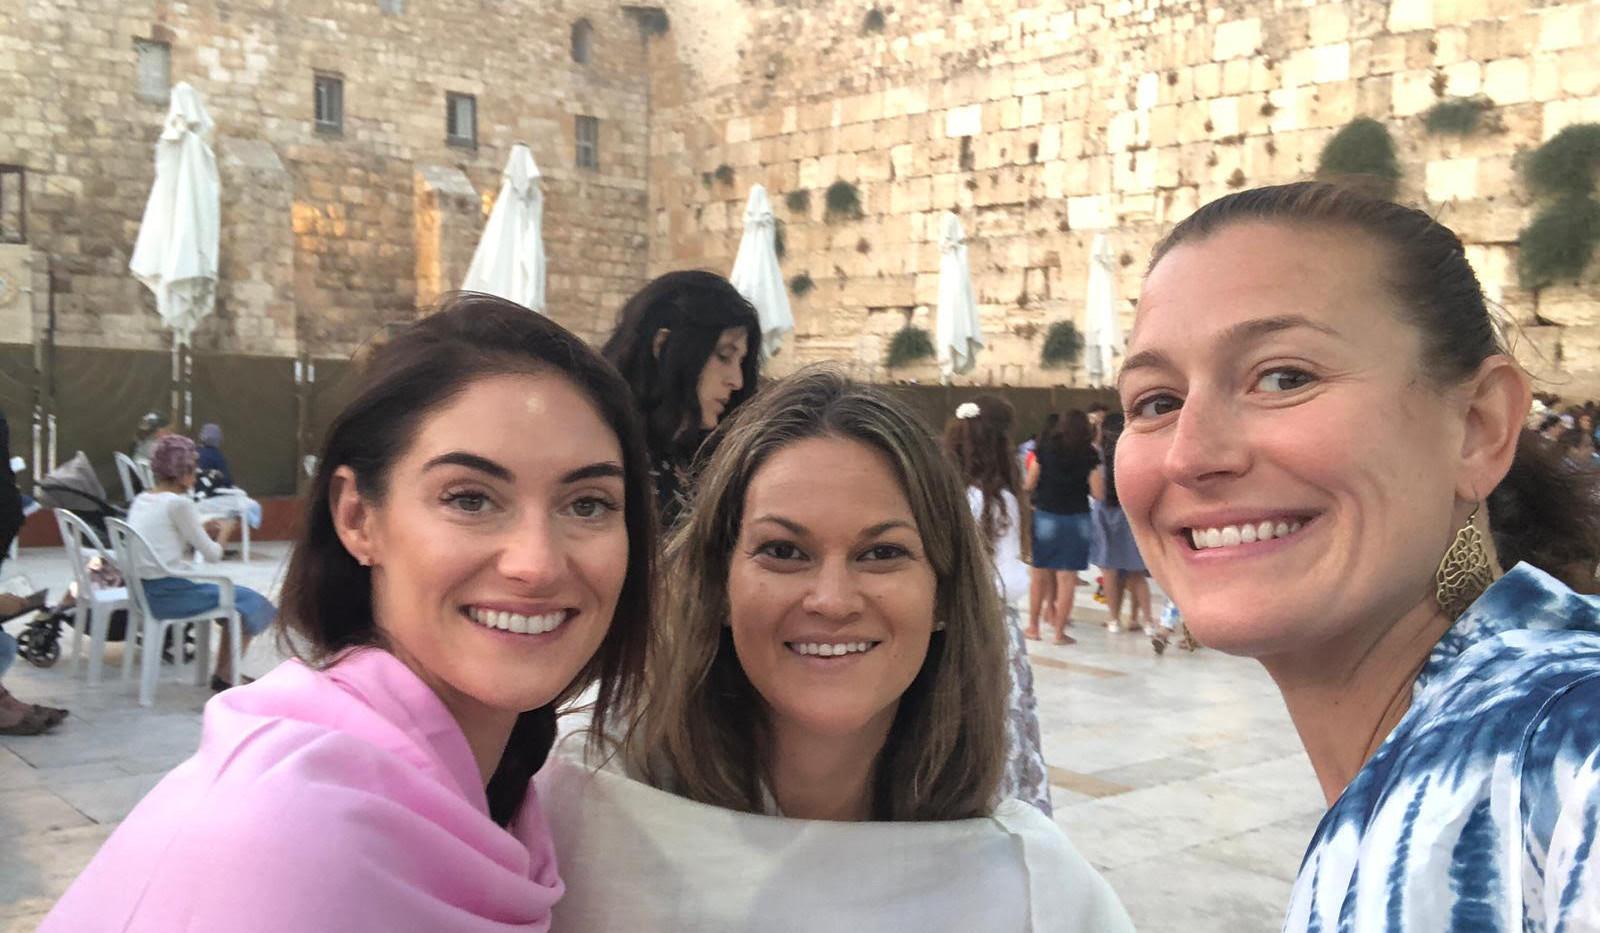 israel 2019 - girls at wall.jpg